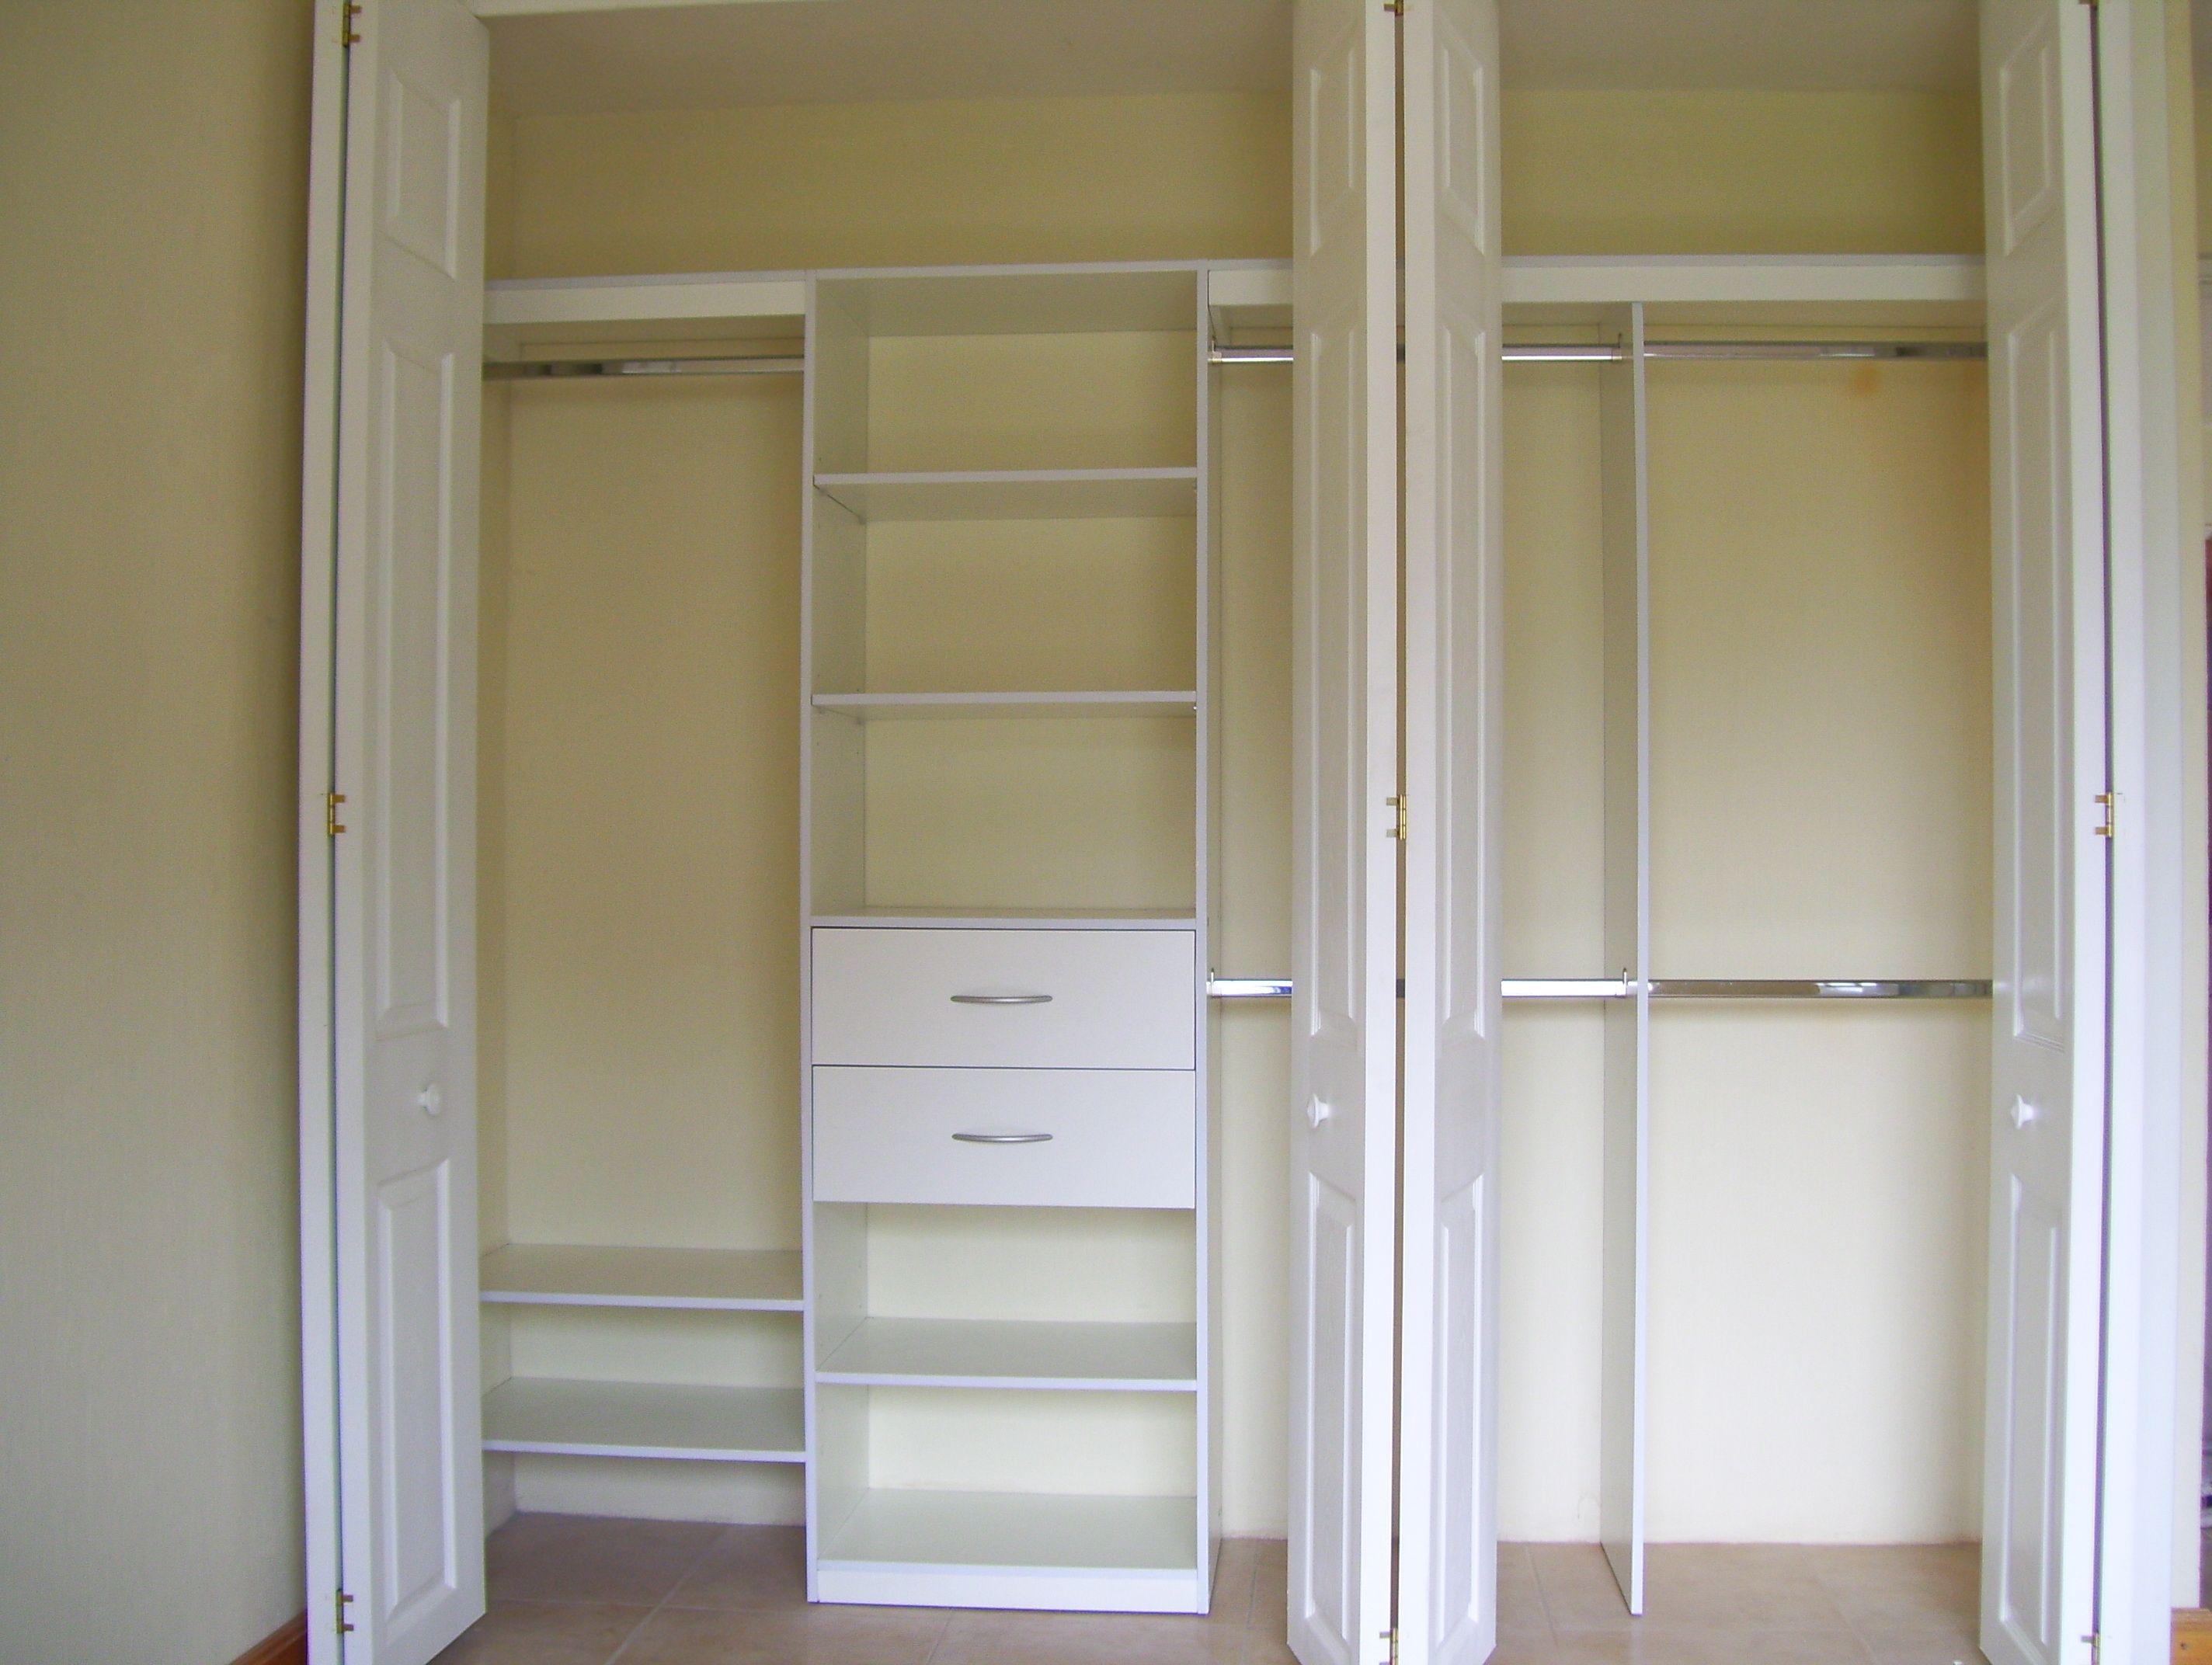 Puertas de closet plegables buscar con google cuarto for Puertas para dormitorios